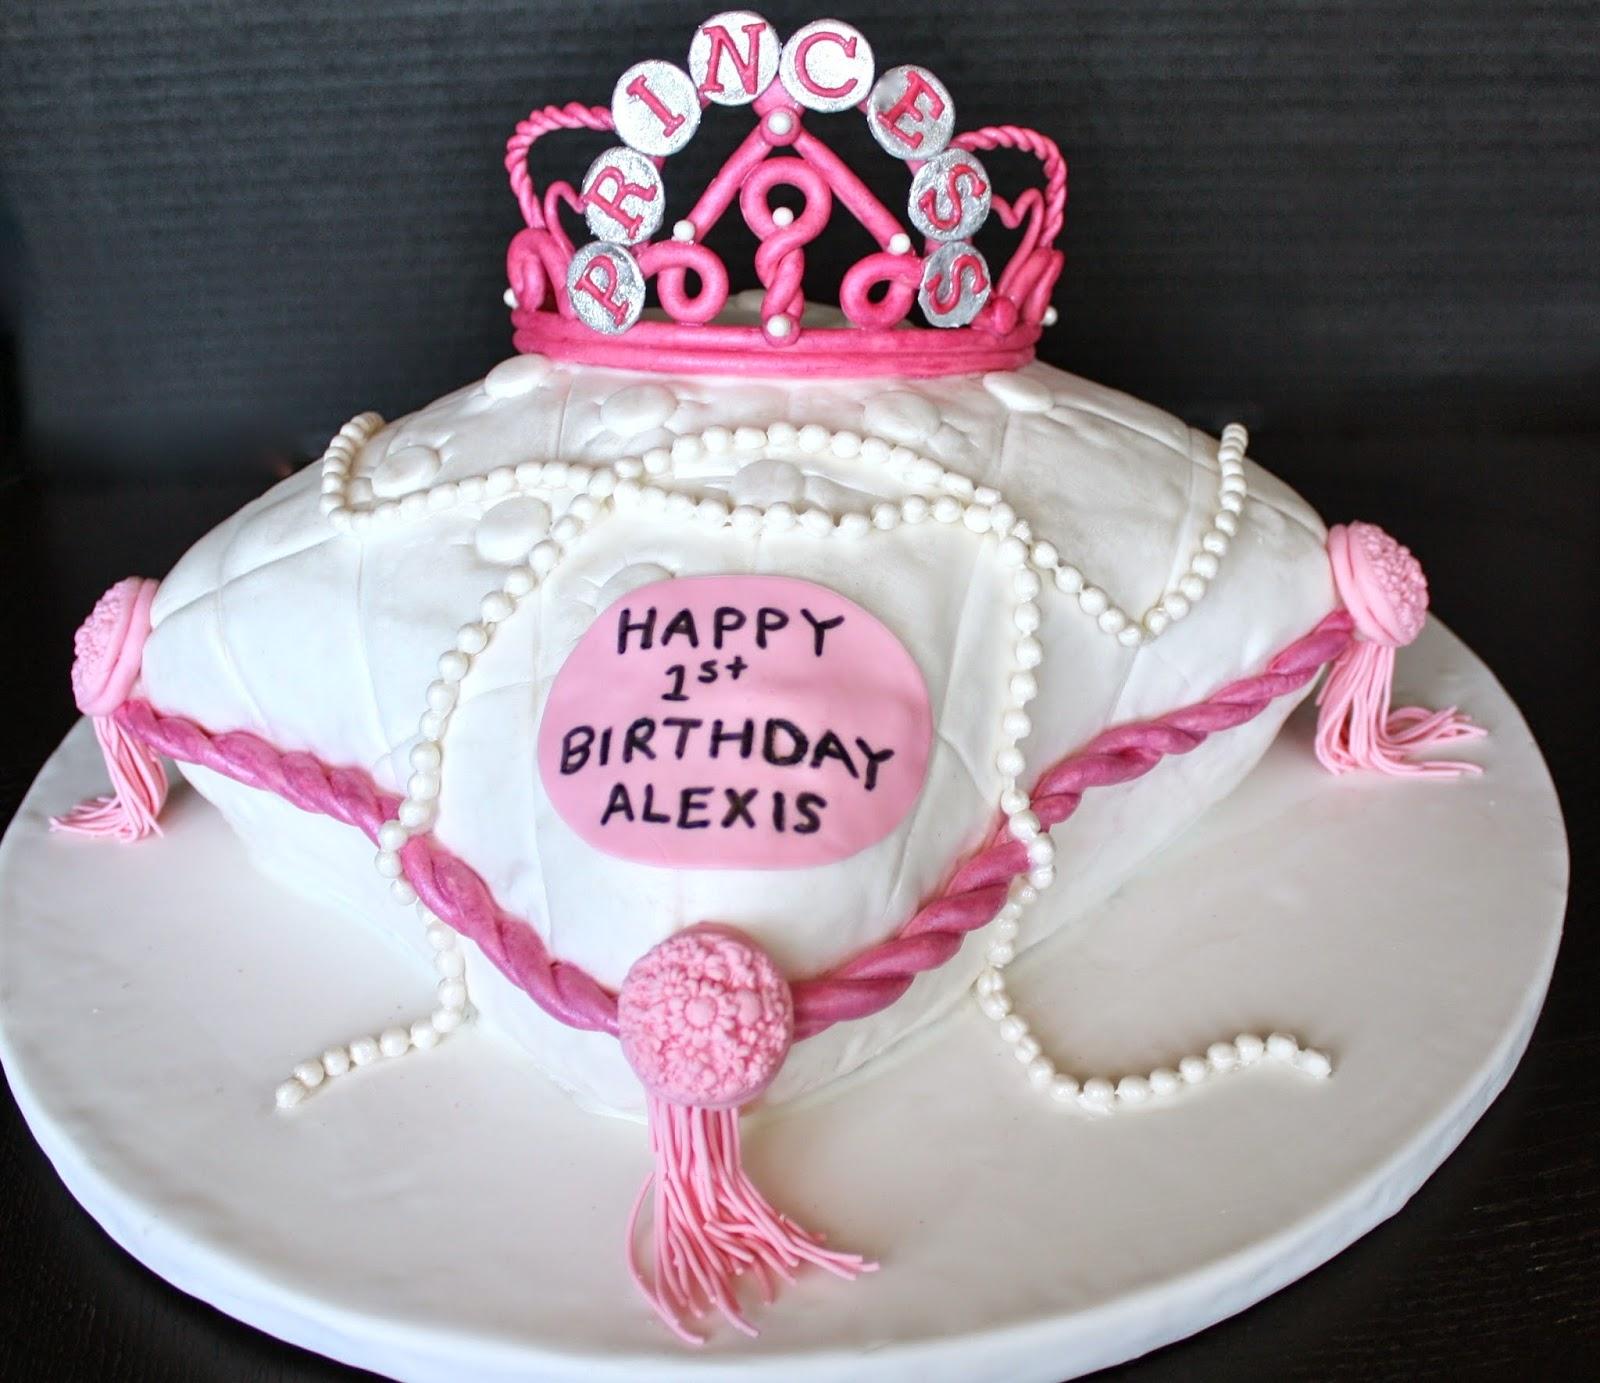 Happy Birthday Cake Images Latest ~ Intikhaab e sukhan happy birthday cake